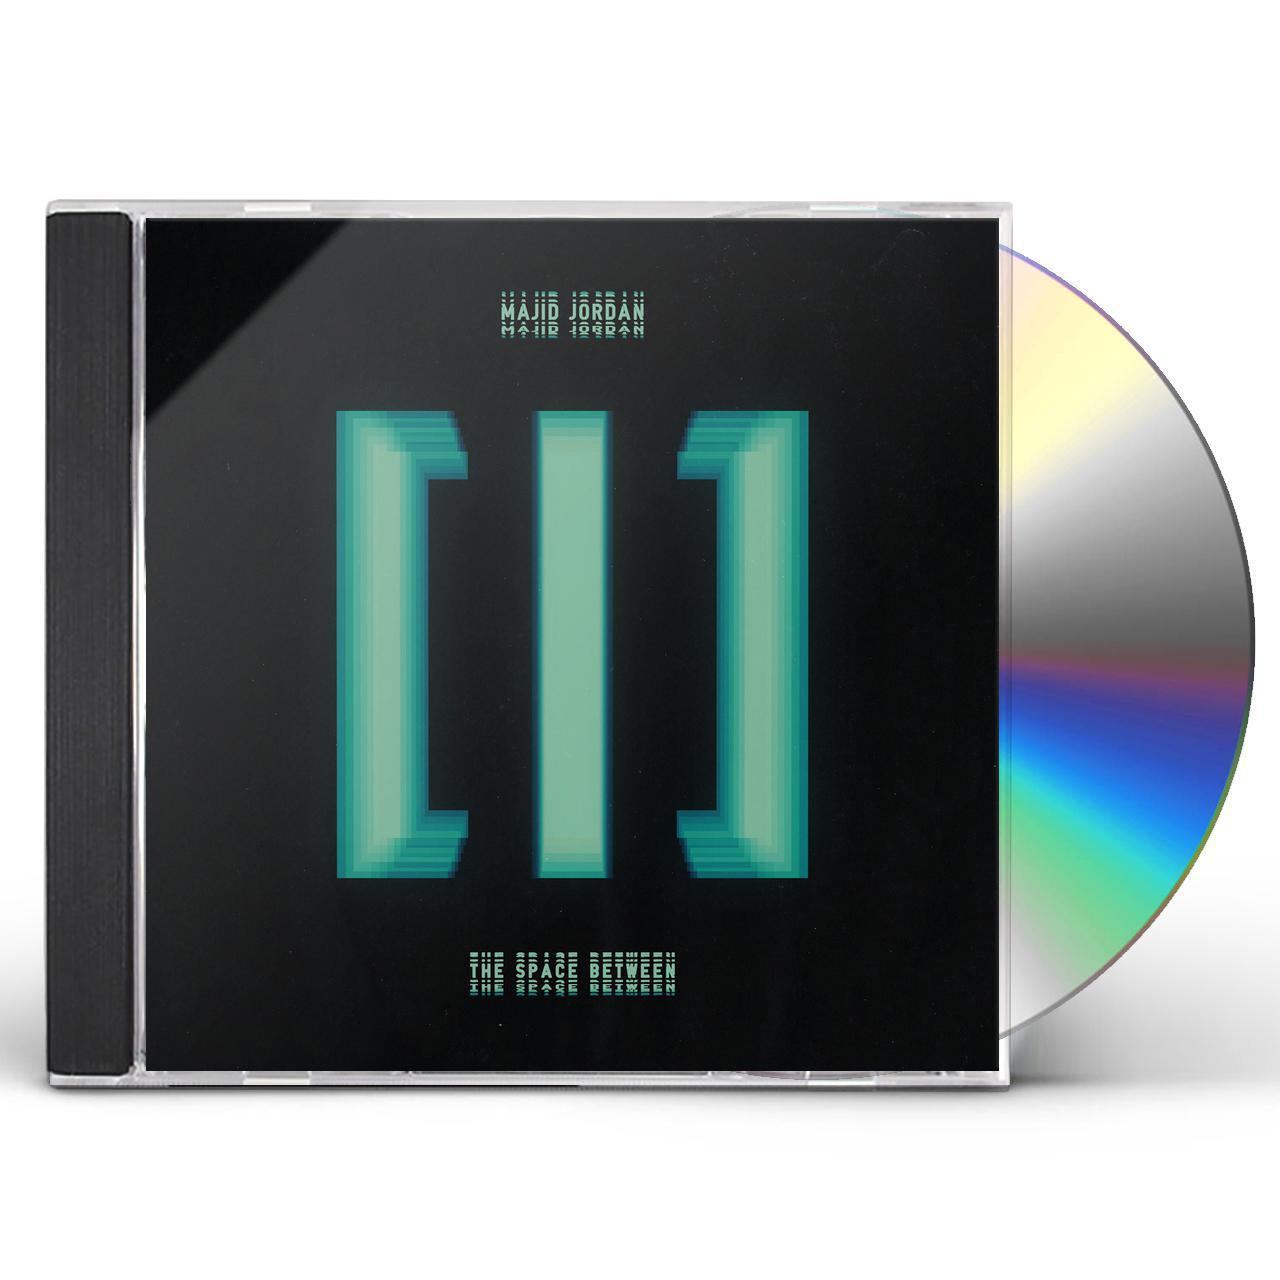 e44da9d5a6c5 Majid Jordan. SPACE BETWEEN CD